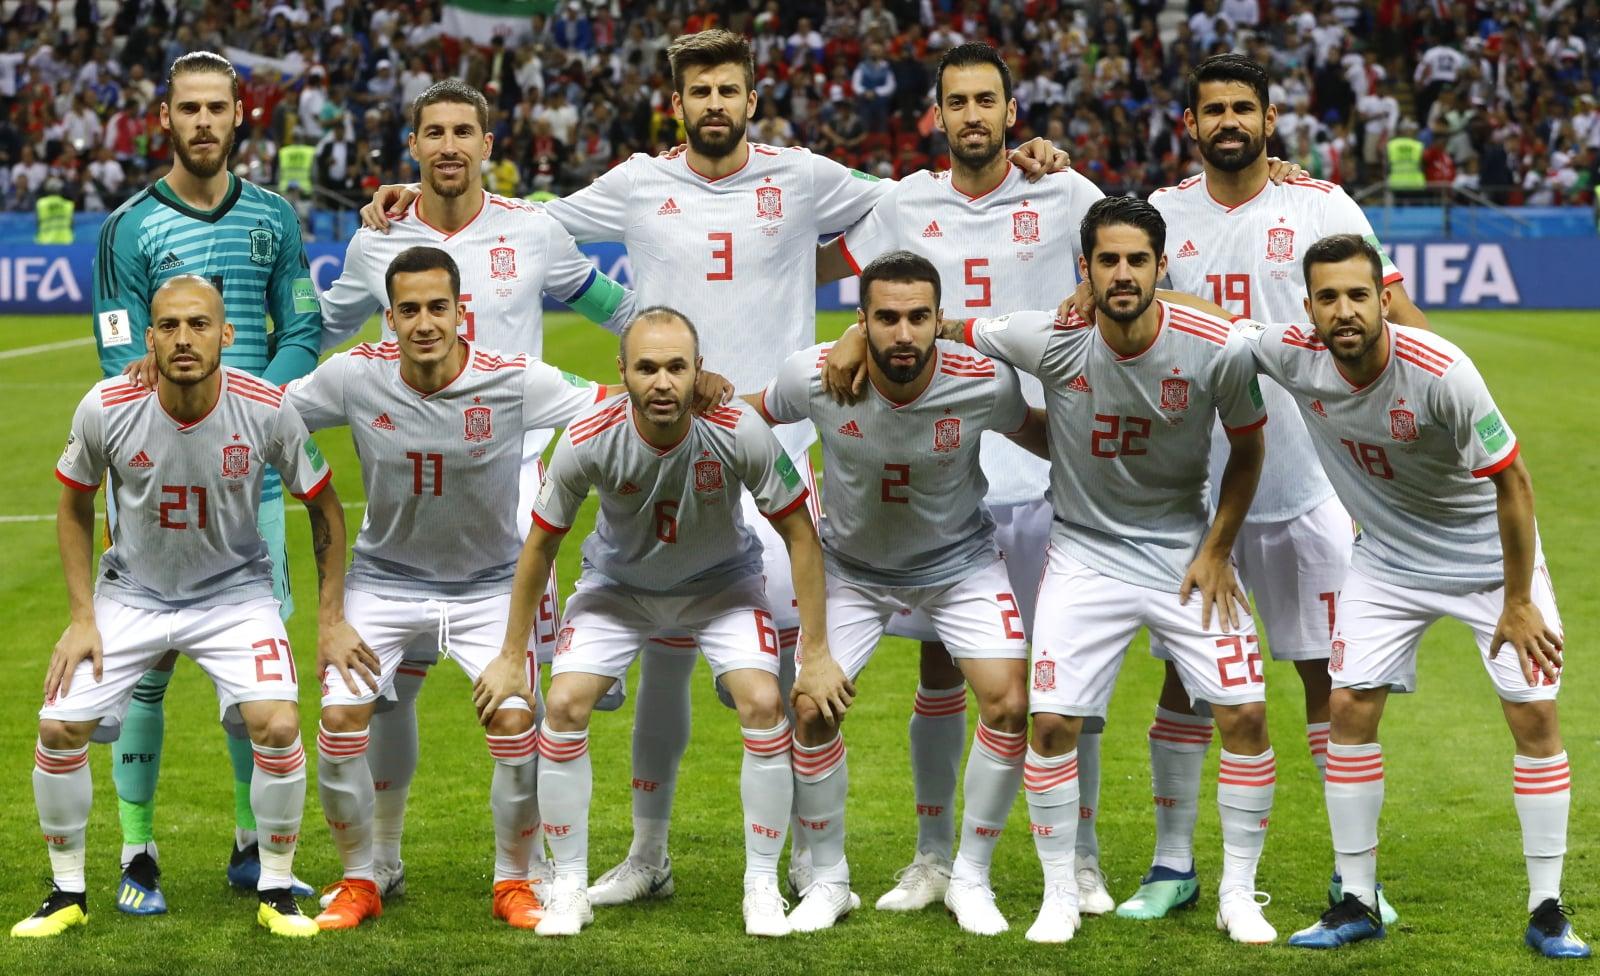 Hiszpania na Mundialu 2018 w meczu z Iranem  EPA/DIEGO AZUBEL